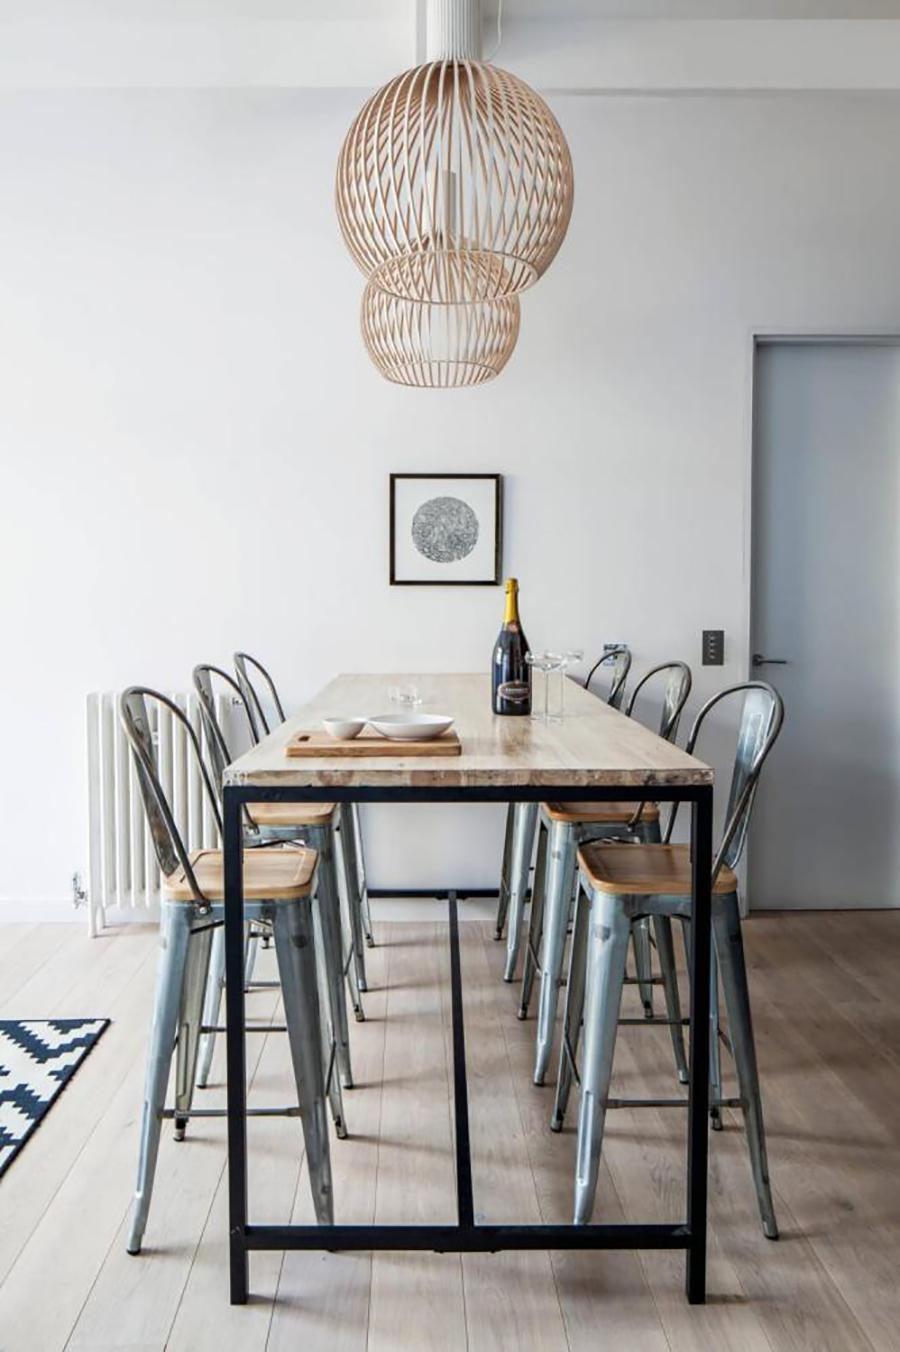 Comedor de decoración industrial con muebles de metal, paleta de colores característica del estilo, grandes espacios y lámparas colgantes.